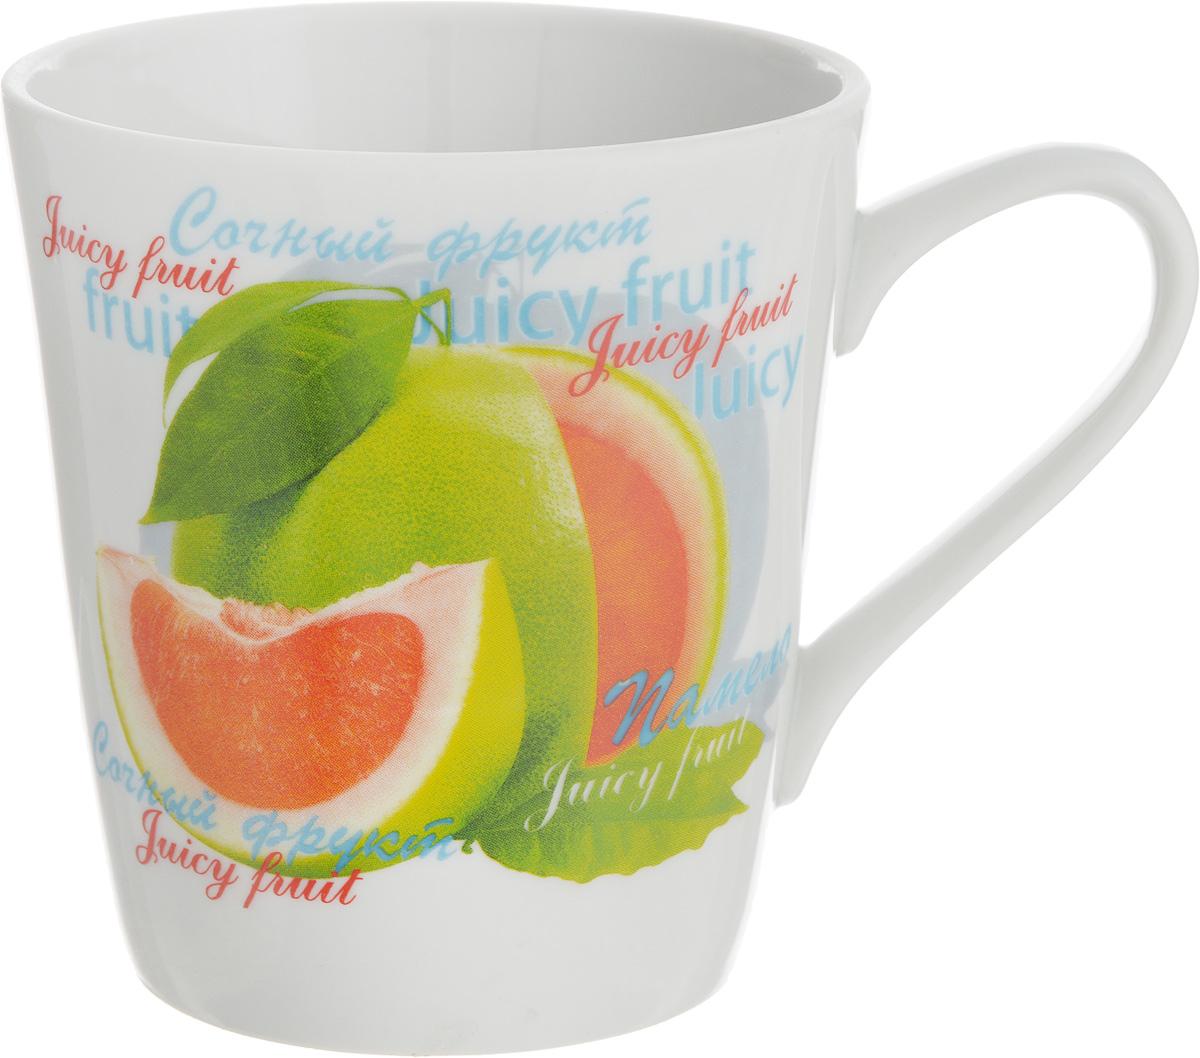 Кружка Классик. Сочный фрукт, цвет: белый, зеленый, красный, 300 мл68/5/3Кружка Классик. Сочный фрукт изготовлена из высококачественного фарфора. Изделие оформлено красочным рисунком и покрыто превосходной сверкающей глазурью. Изысканная кружка прекрасно оформит стол к чаепитию и станет его неизменным атрибутом. Диаметр кружки (по верхнему краю): 8,5 см.Высота стенок: 9,5 см.